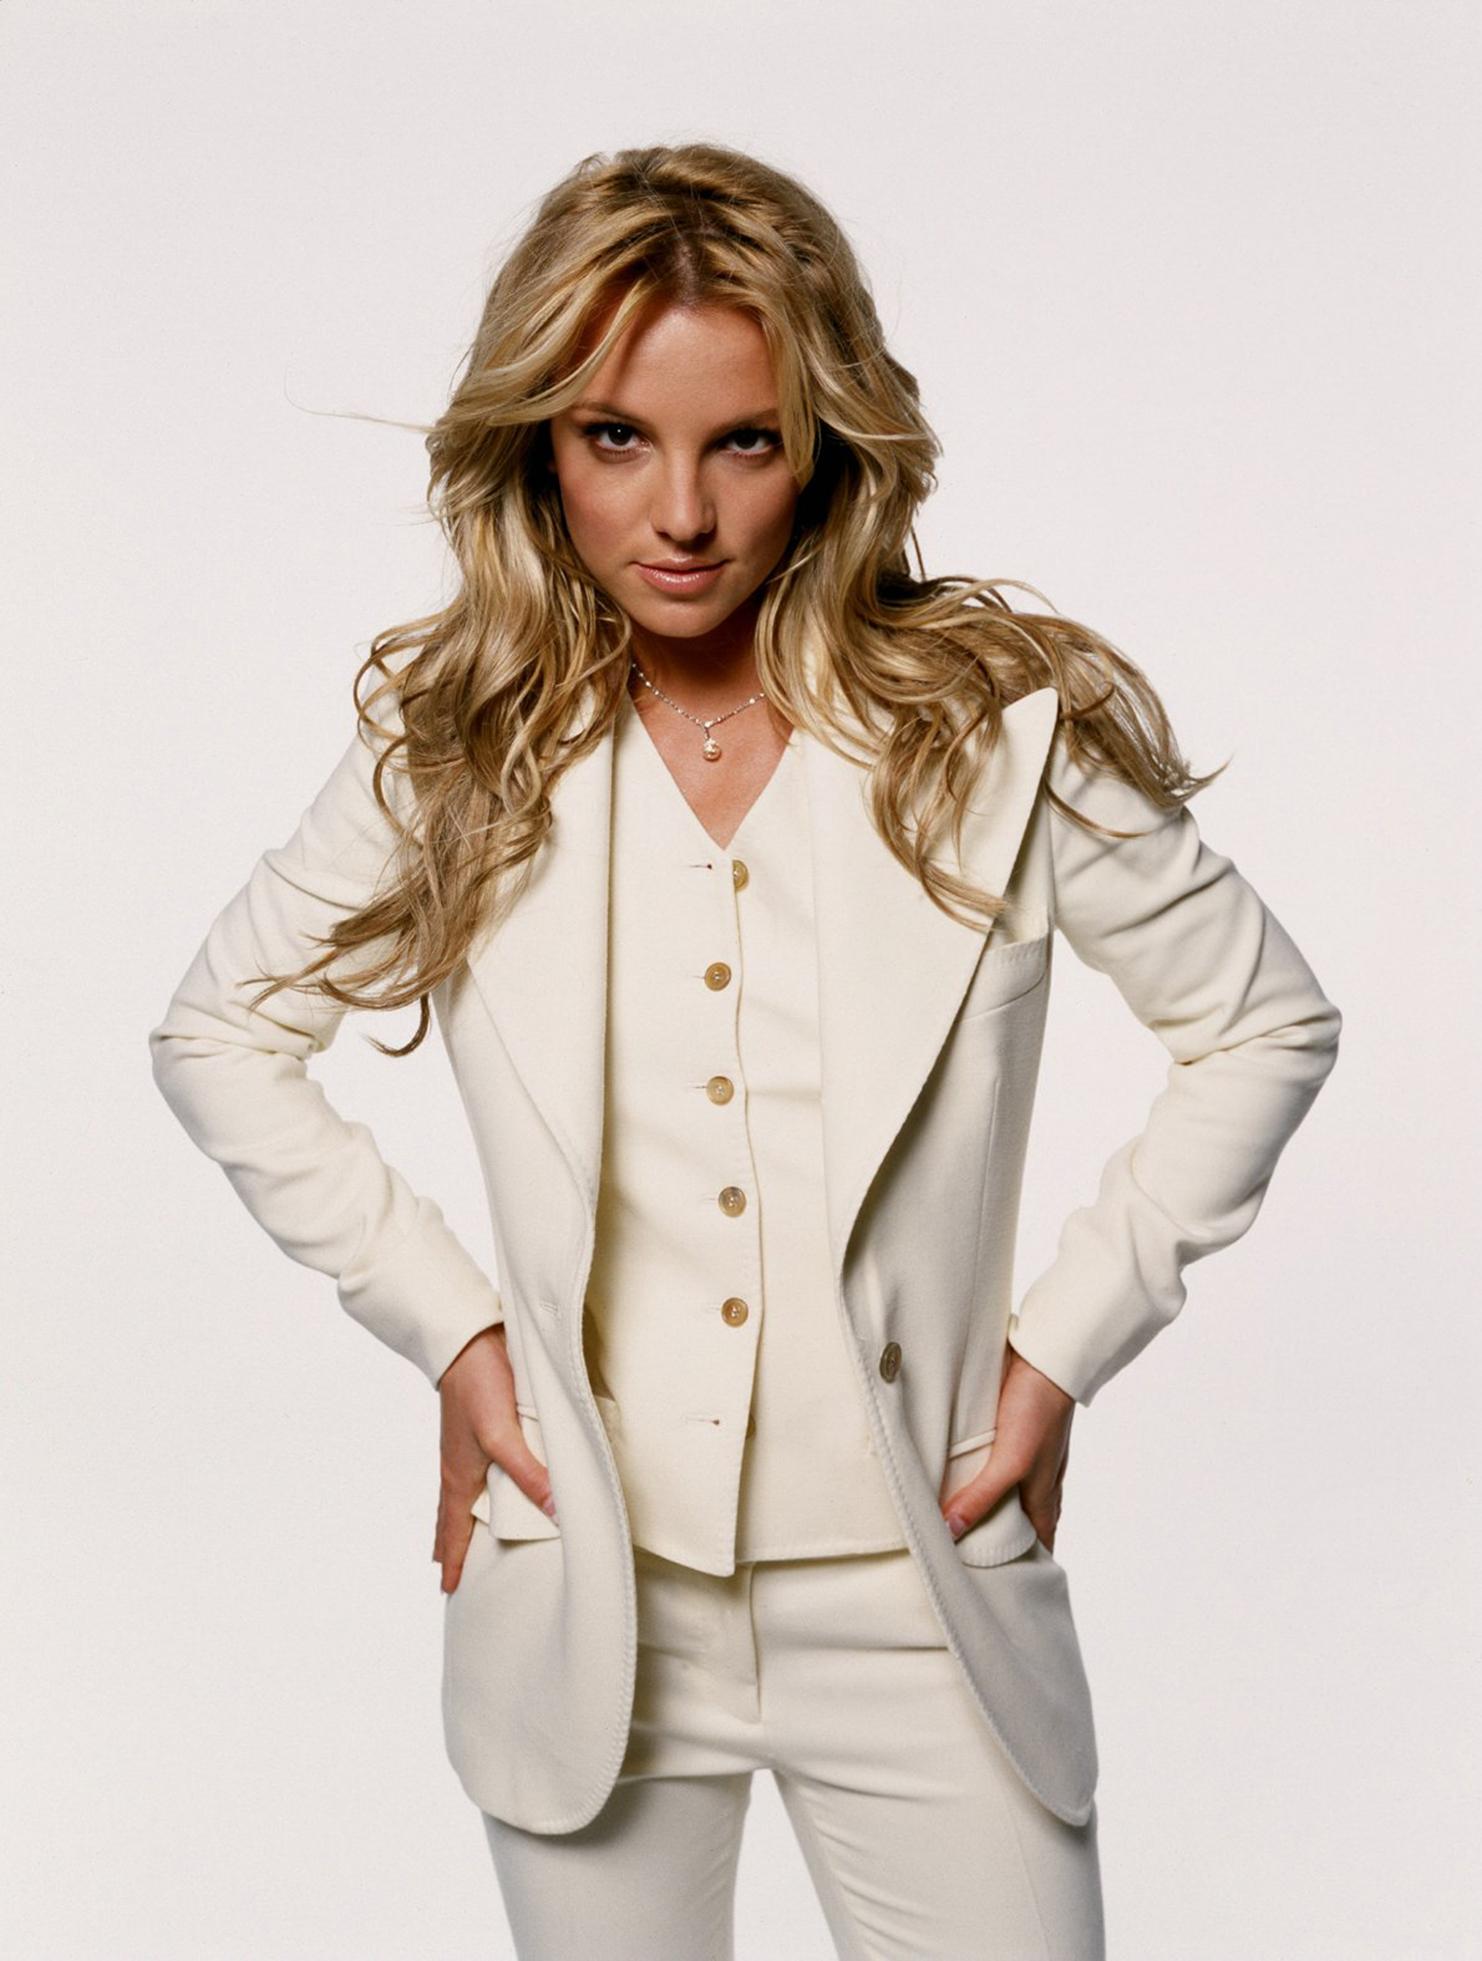 Foto de Britney Spears  número 61391